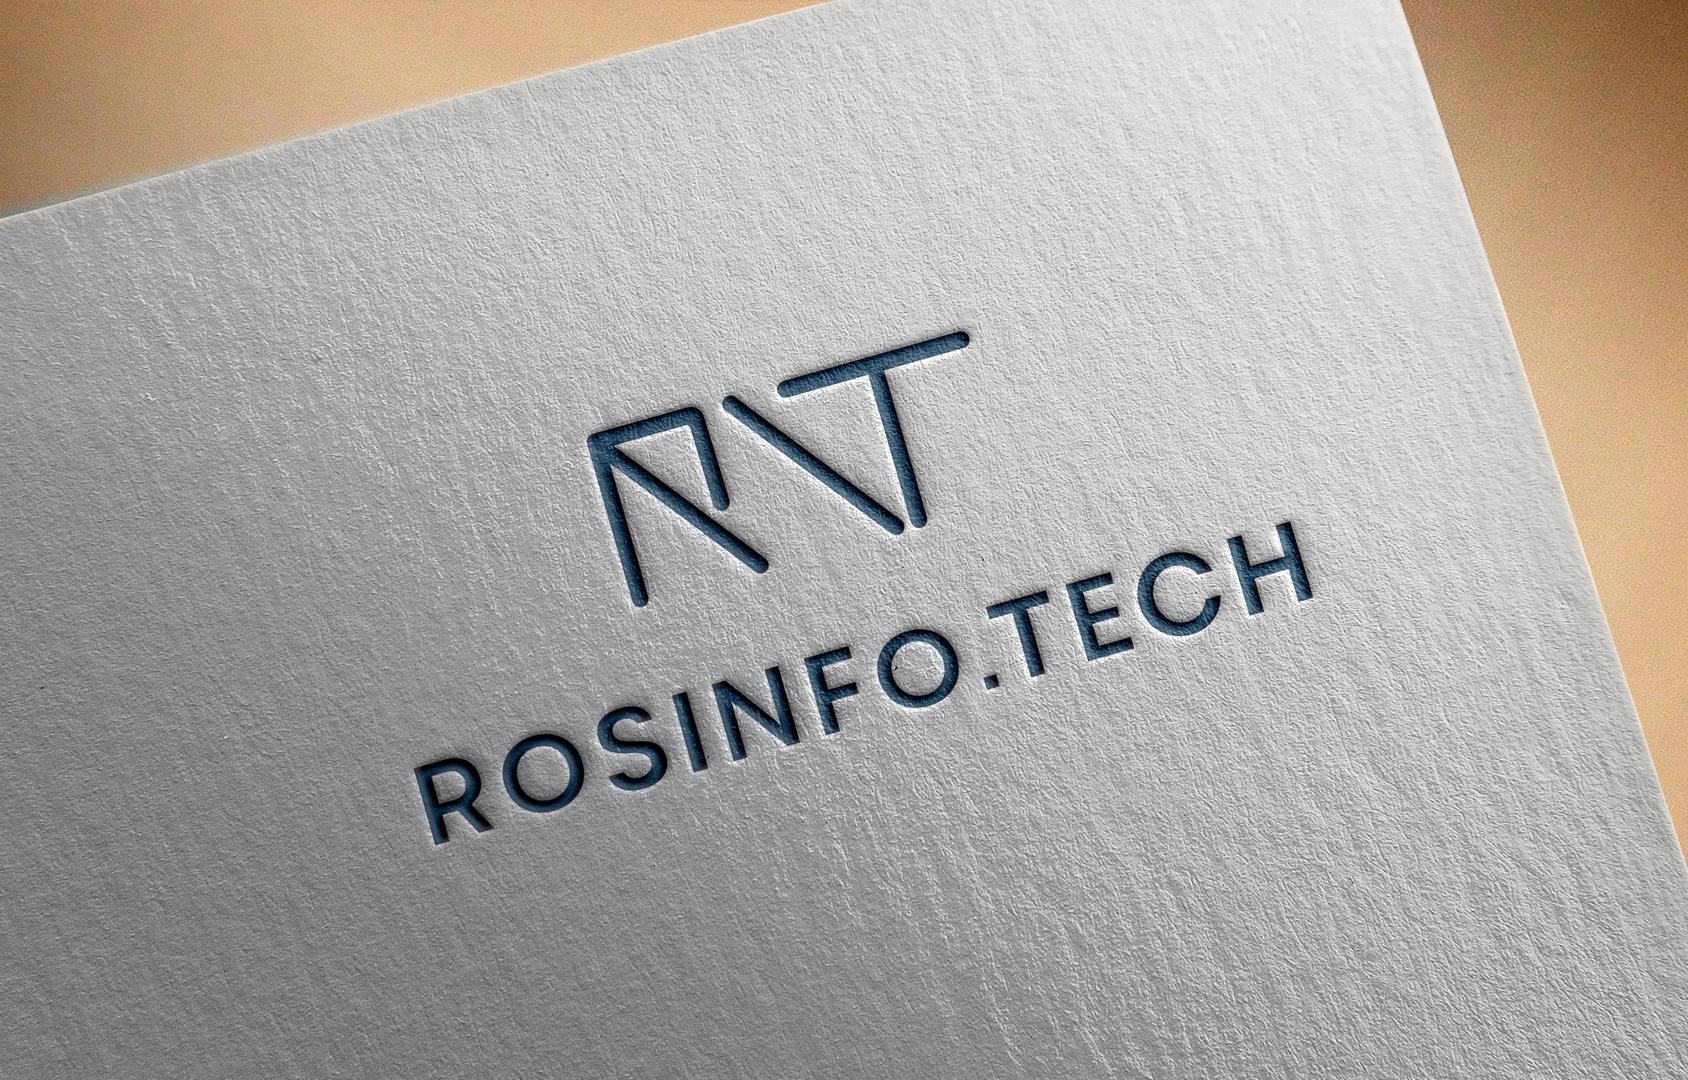 Разработка пакета айдентики rosinfo.tech фото f_4345e1e82f15f99b.jpg